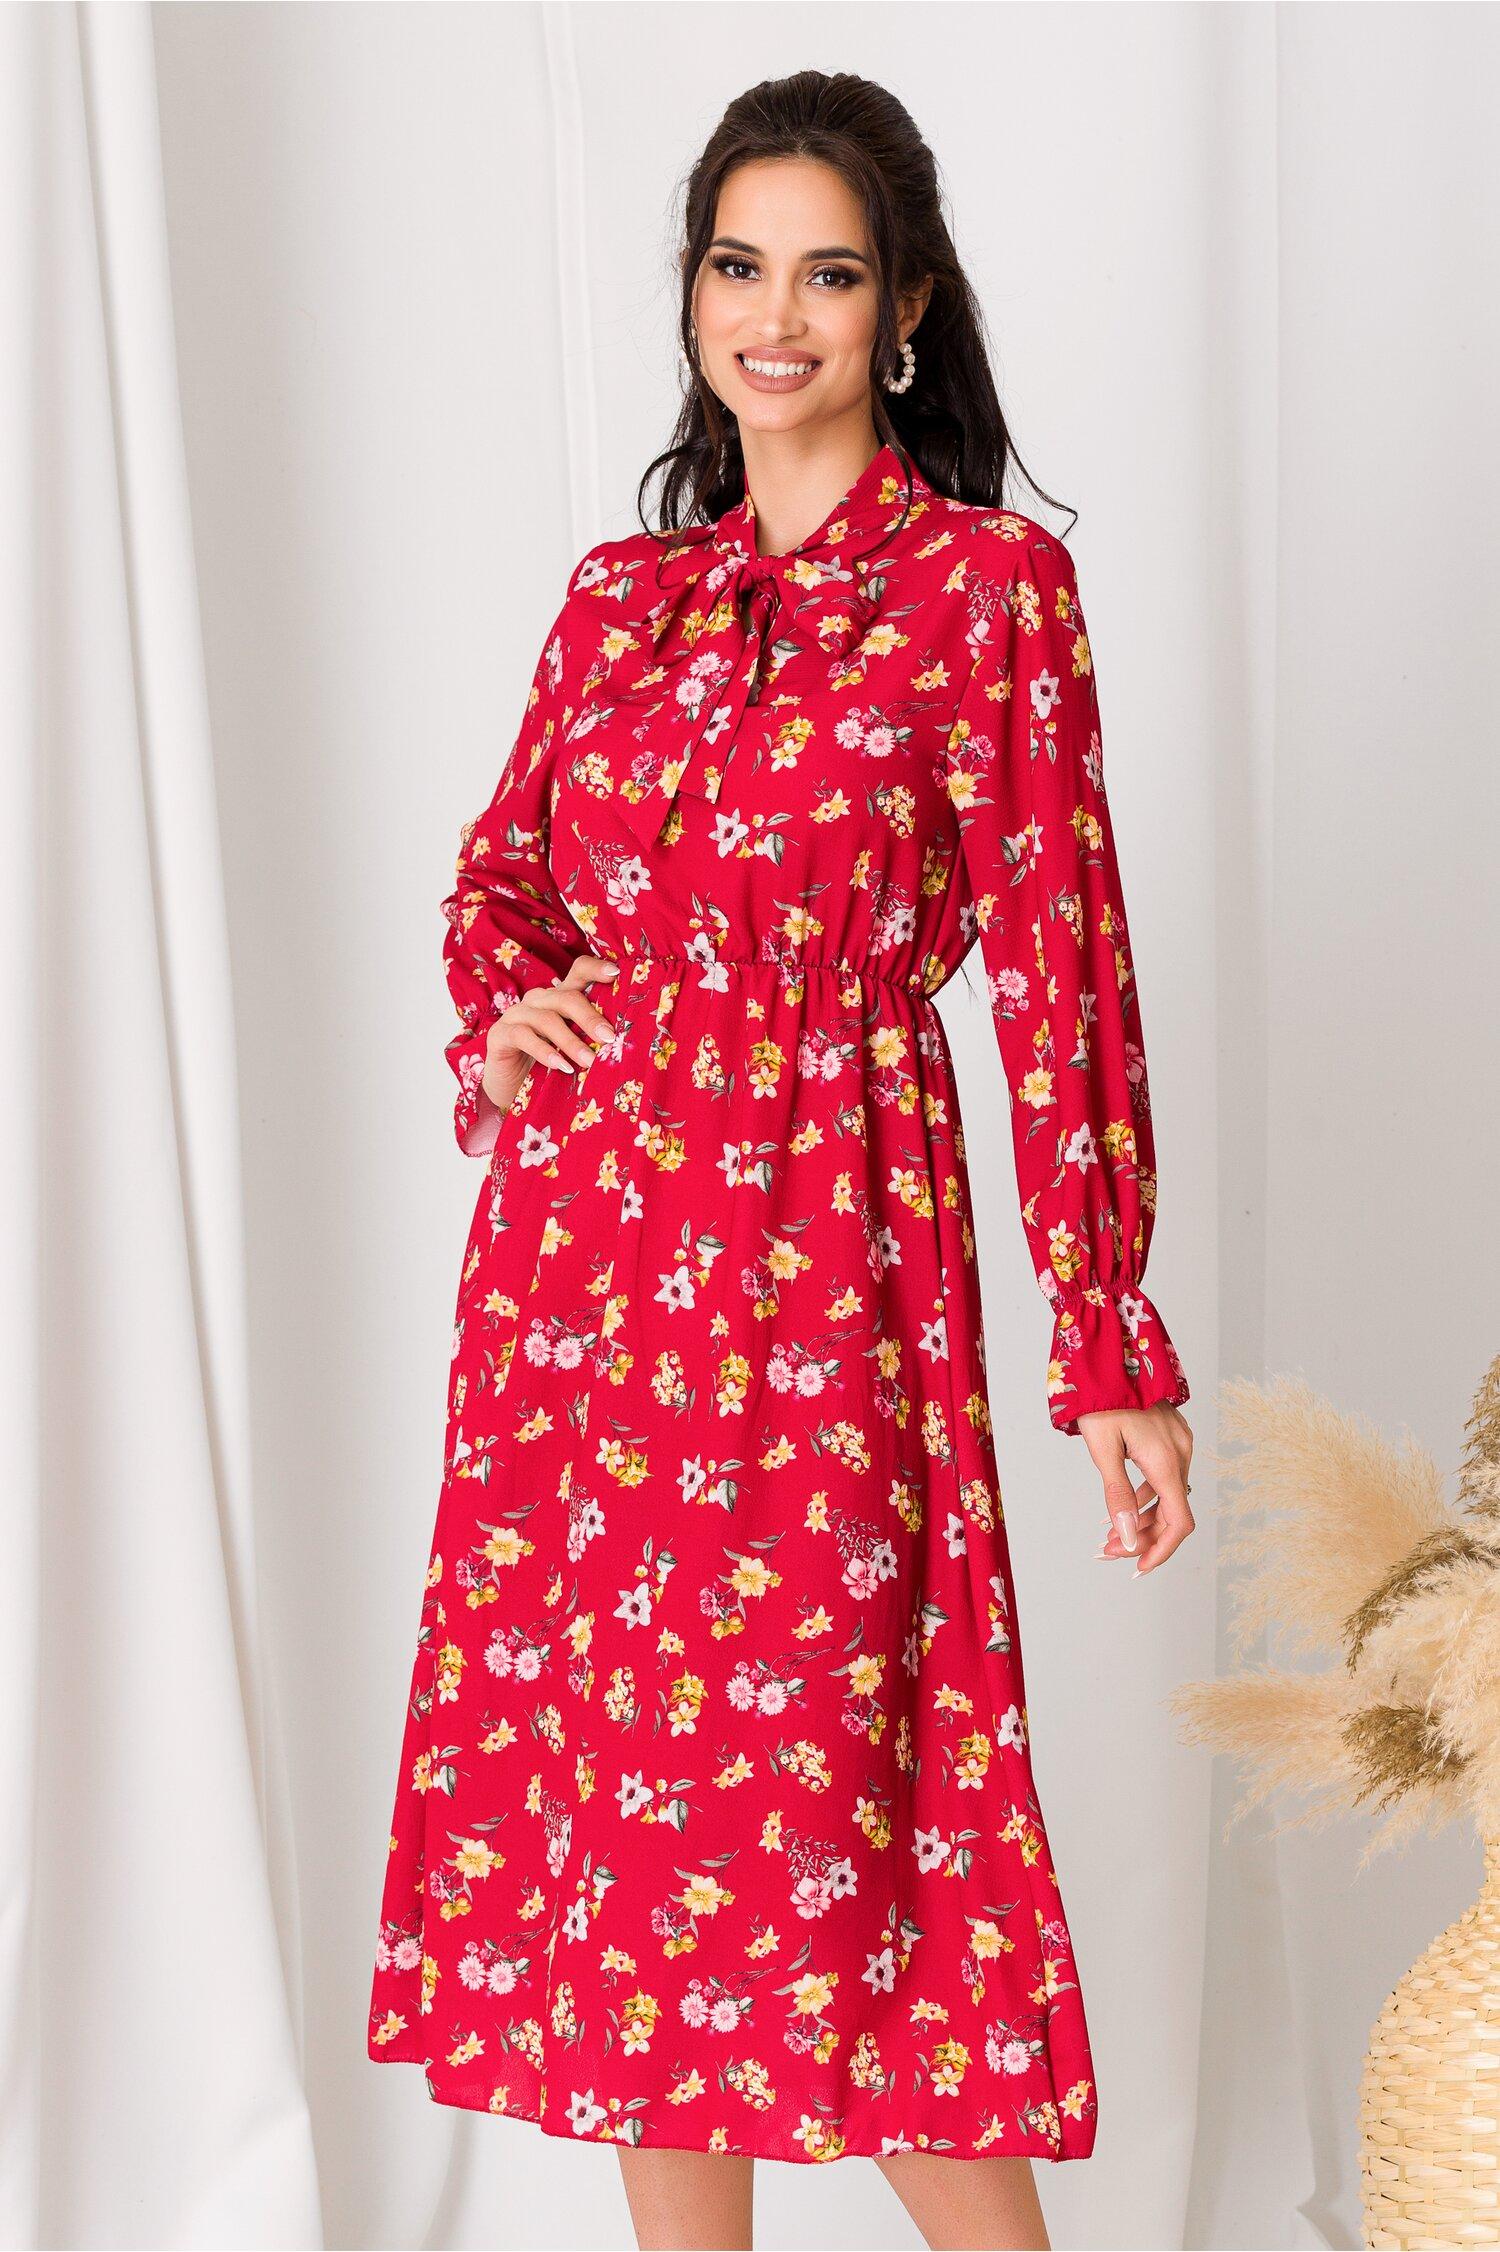 Rochie Dianne rosie cu imprimeuri florale roz si galbene